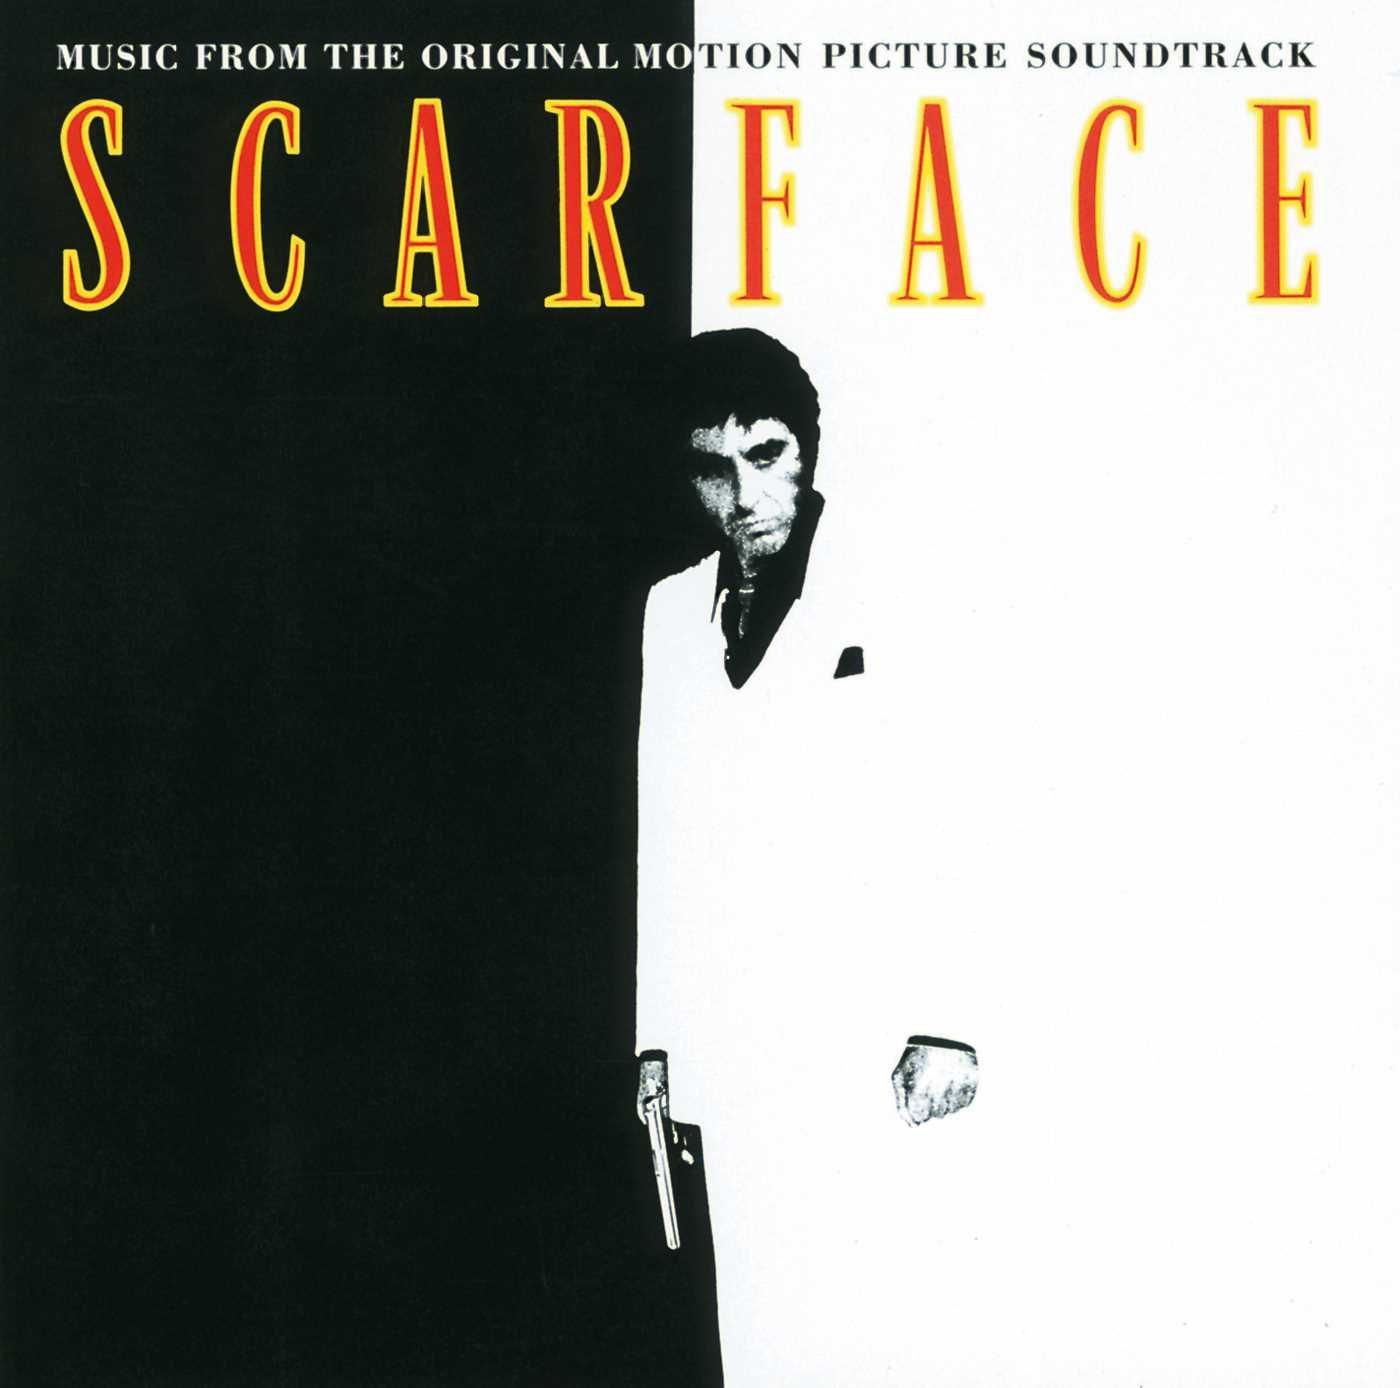 scarface soundtrack